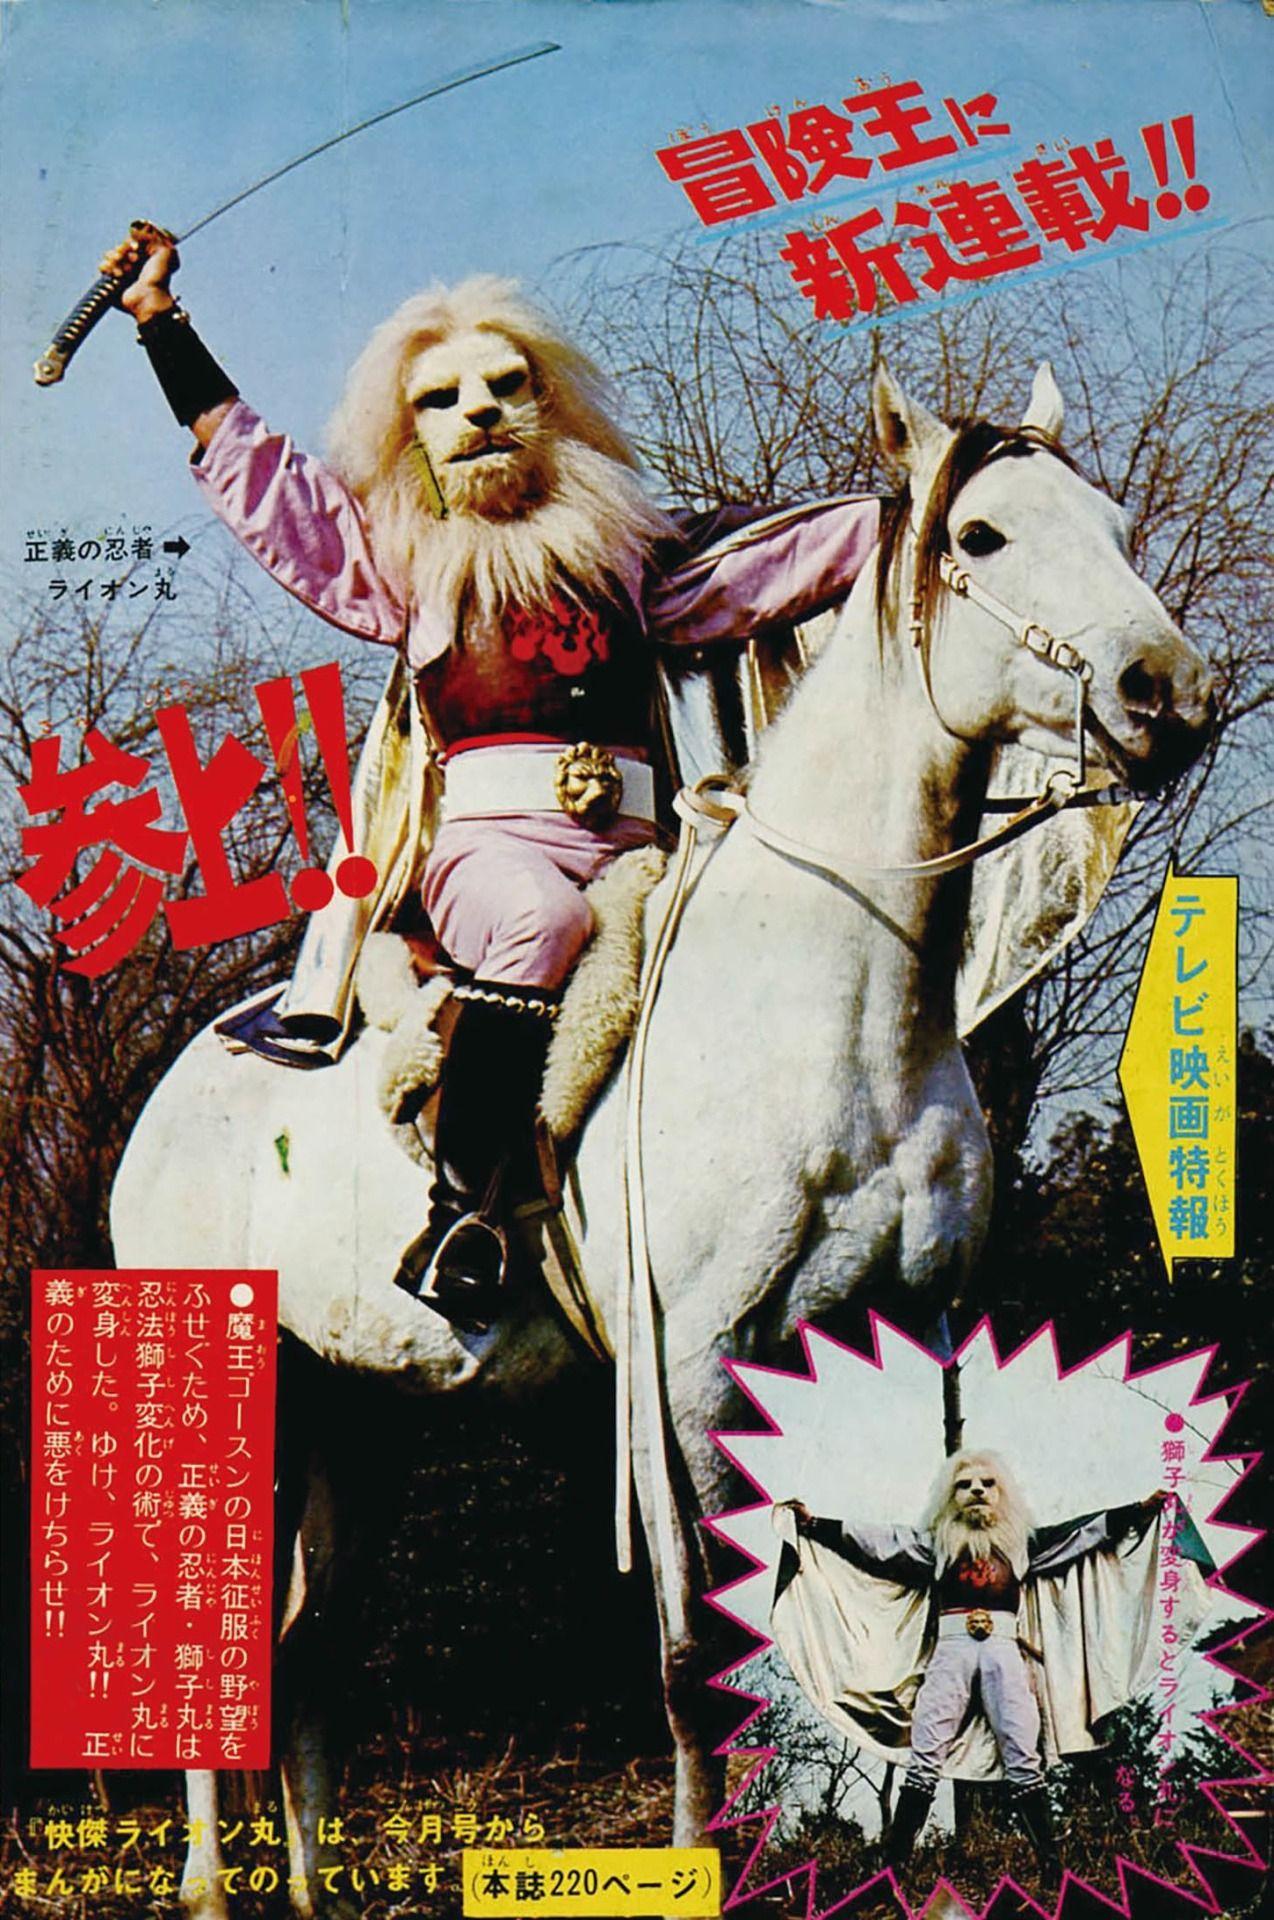 快傑ライオン丸 パイロット版, 冒険王1972